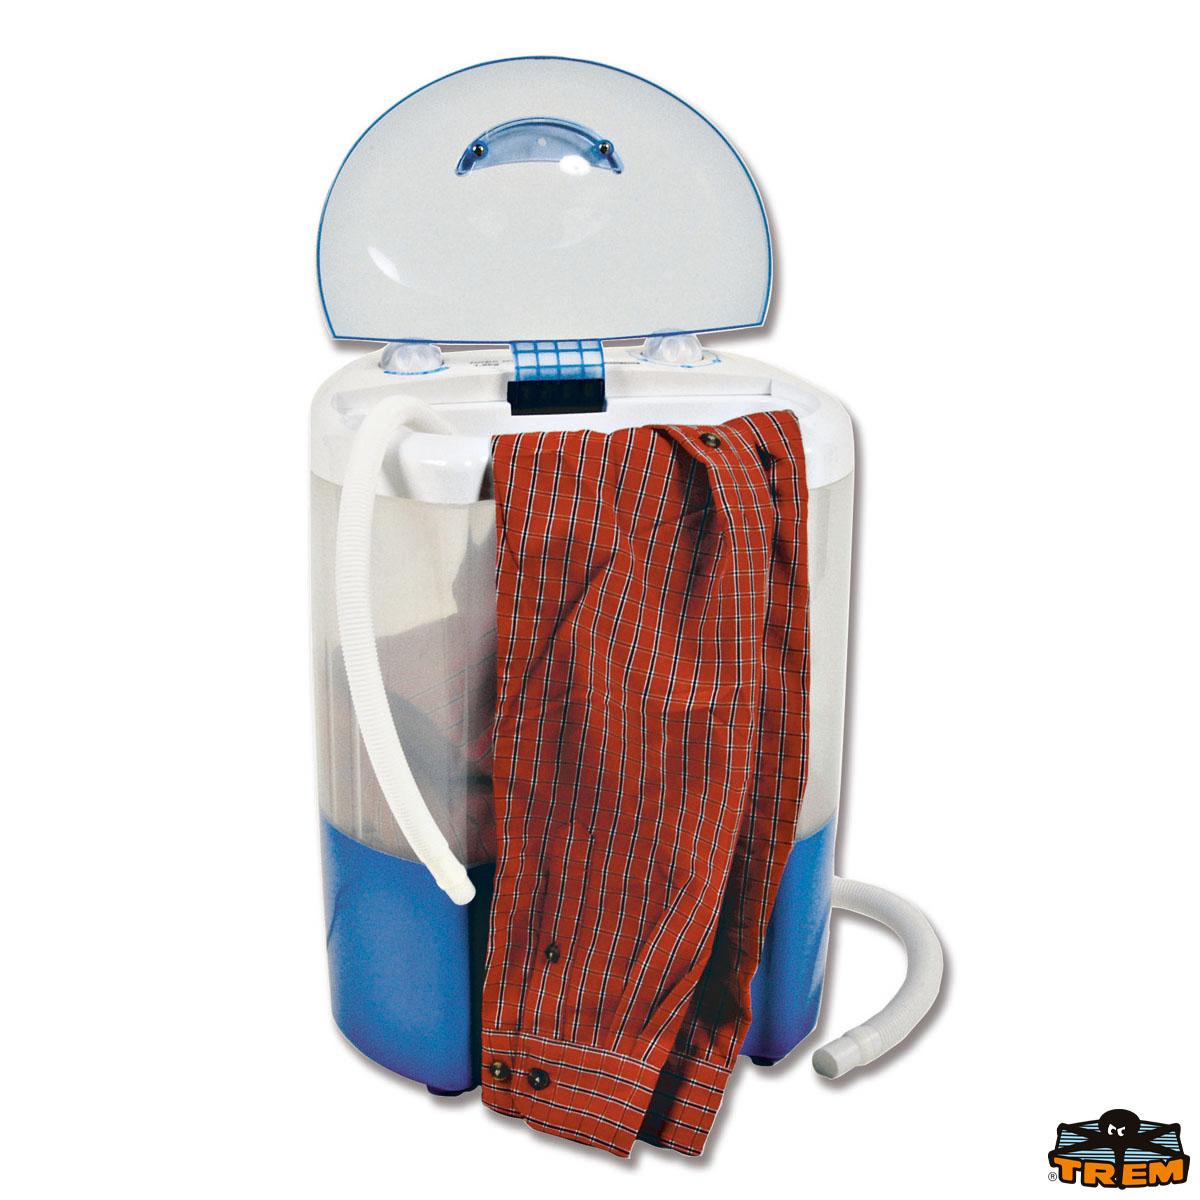 Mini lavatrice kg1 8 trem z0891913 yachtshop for Mini lavatrice